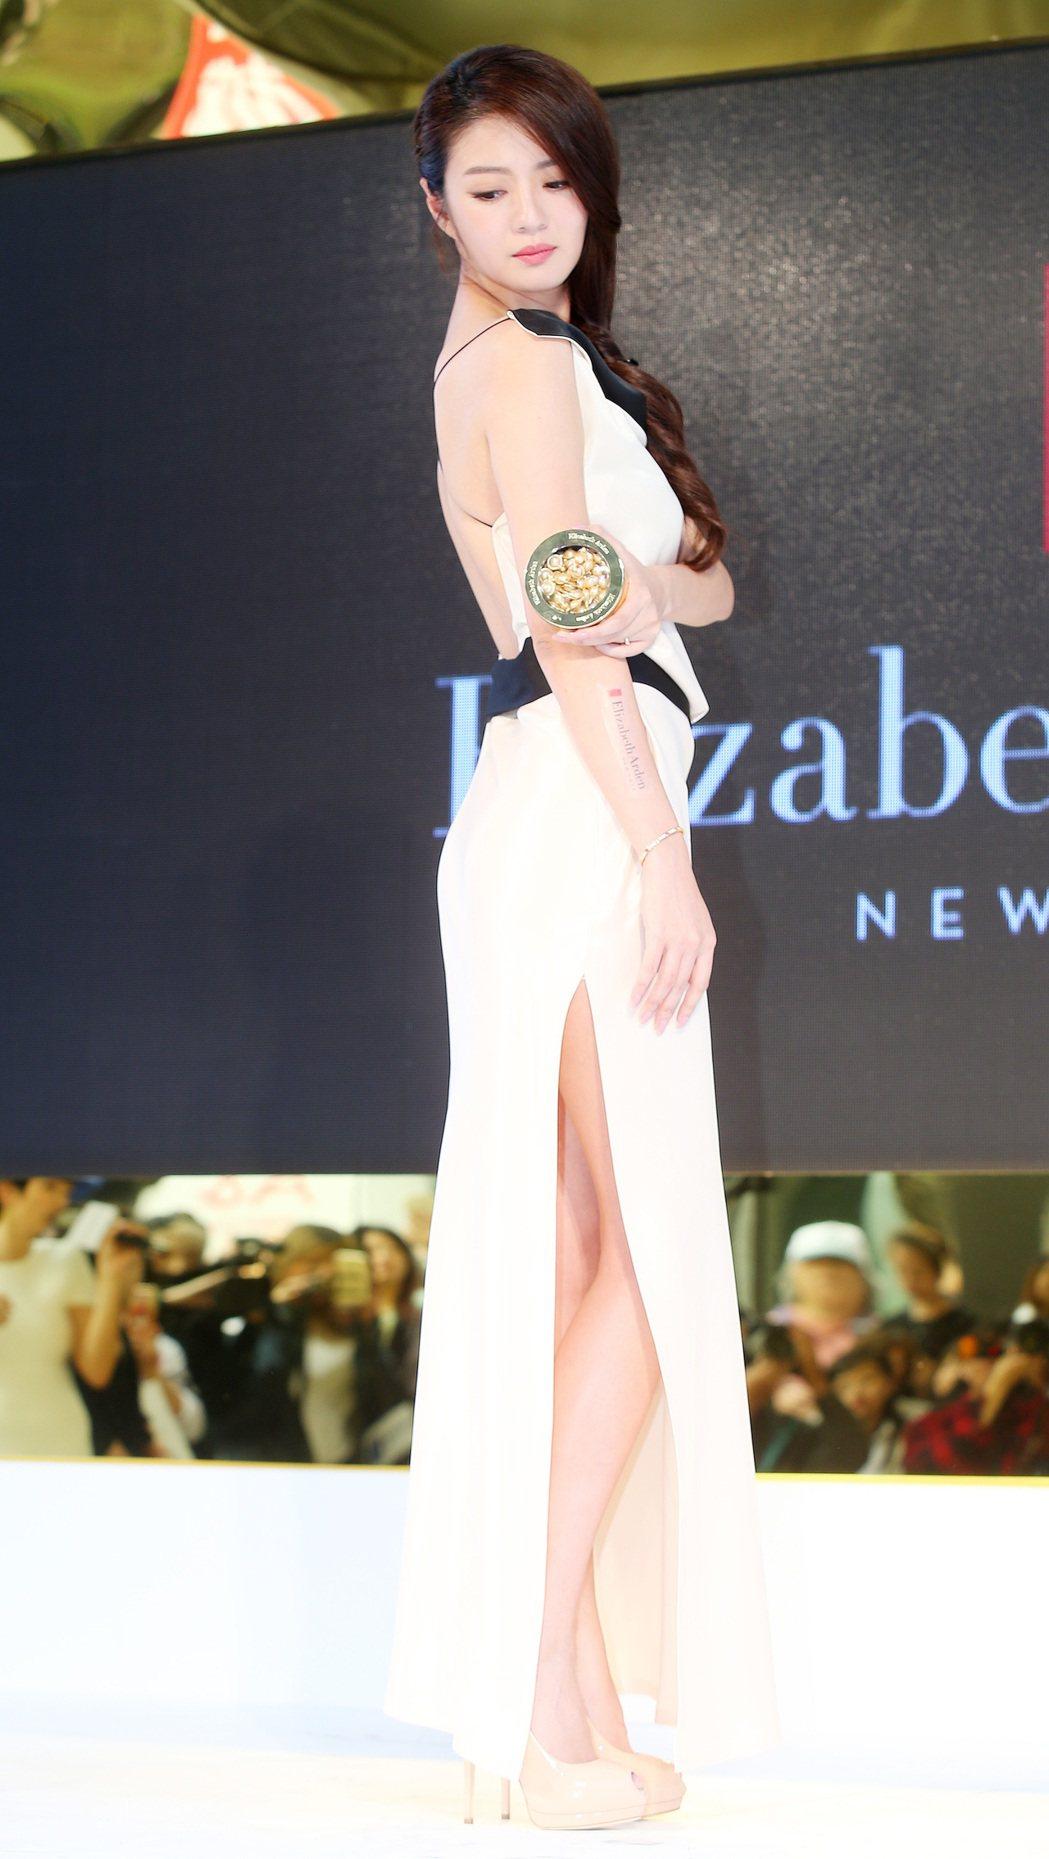 藝人安以軒亮麗代言伊麗莎白雅頓超進化黃金導航膠囊。記者王騰毅/攝影